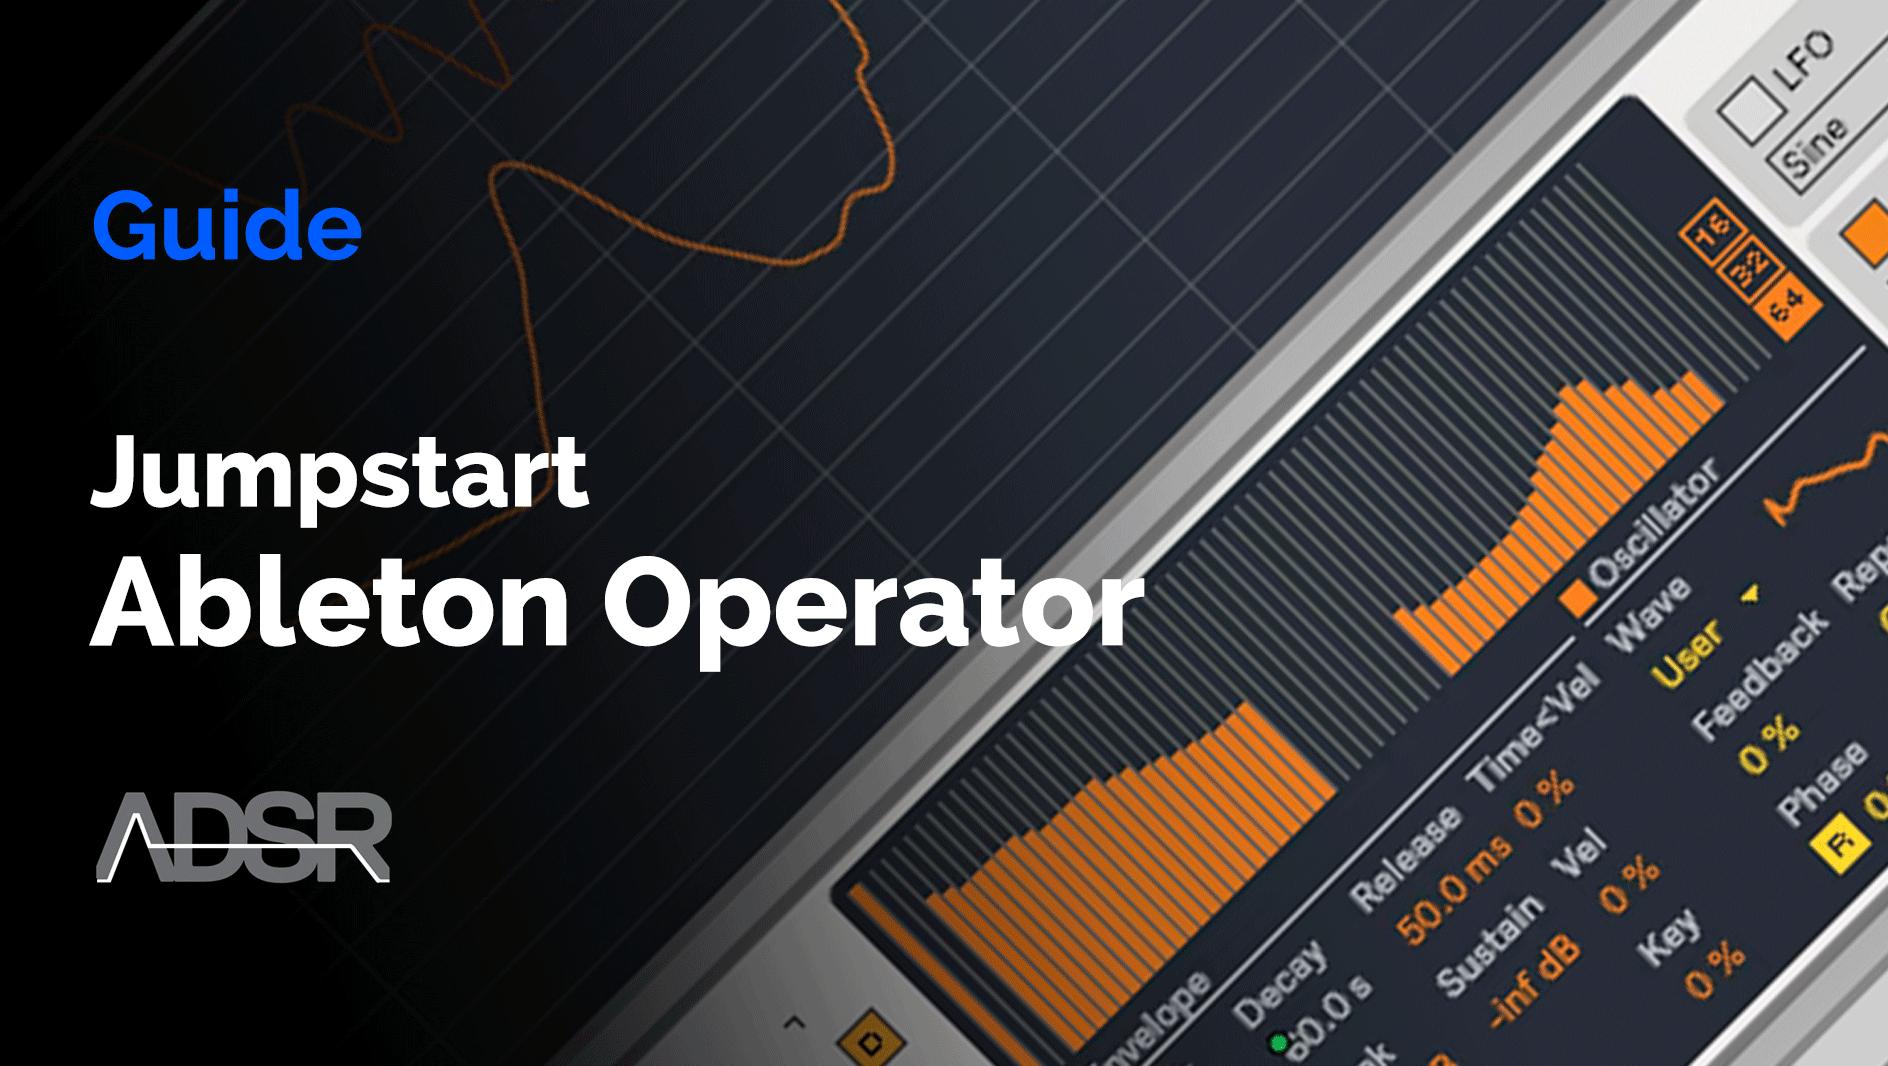 Ableton Operator Jumpstart